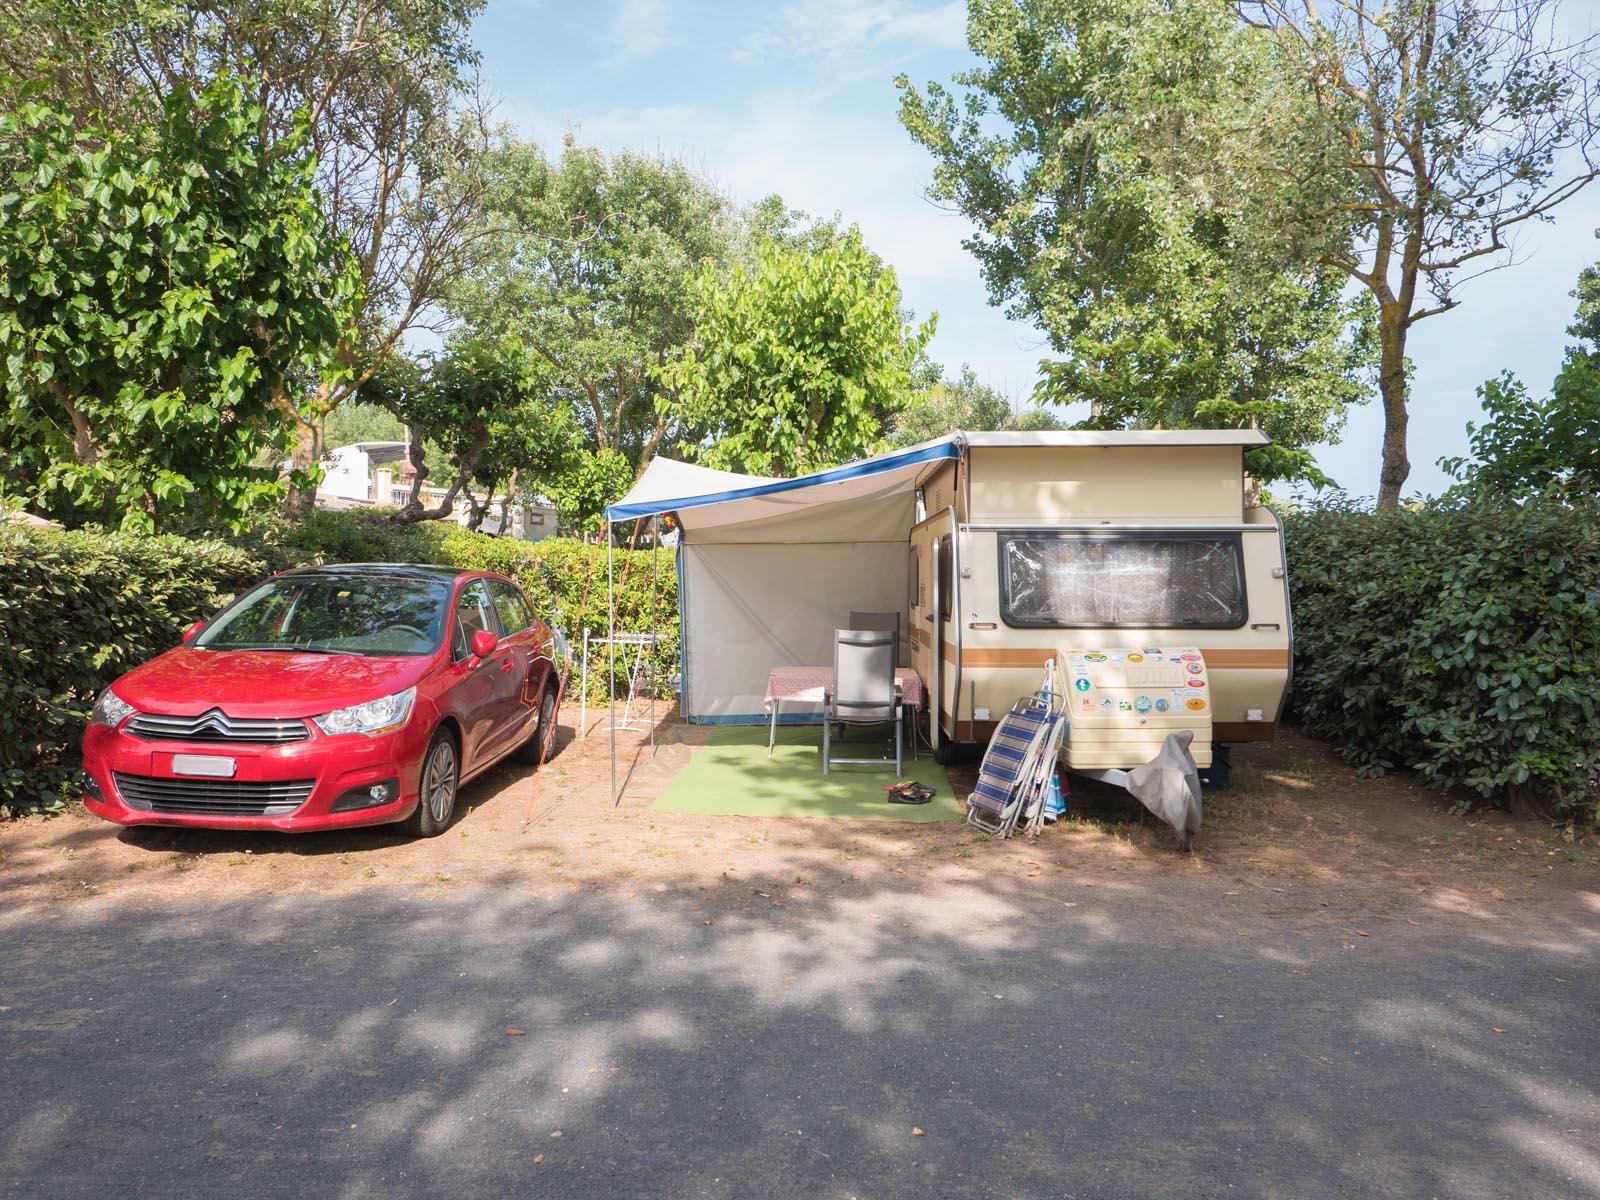 Caravane et voiture sur emplacement de camping